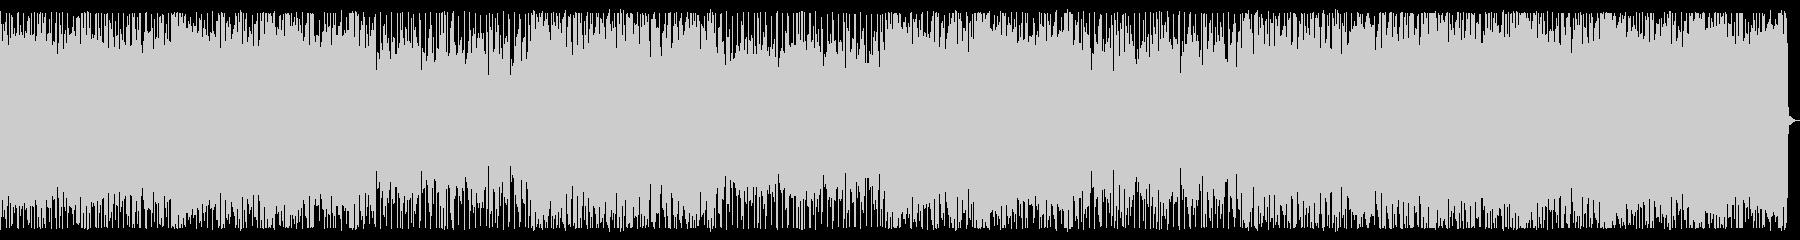 シンプル/おしゃれ/ディスコ_No439の未再生の波形